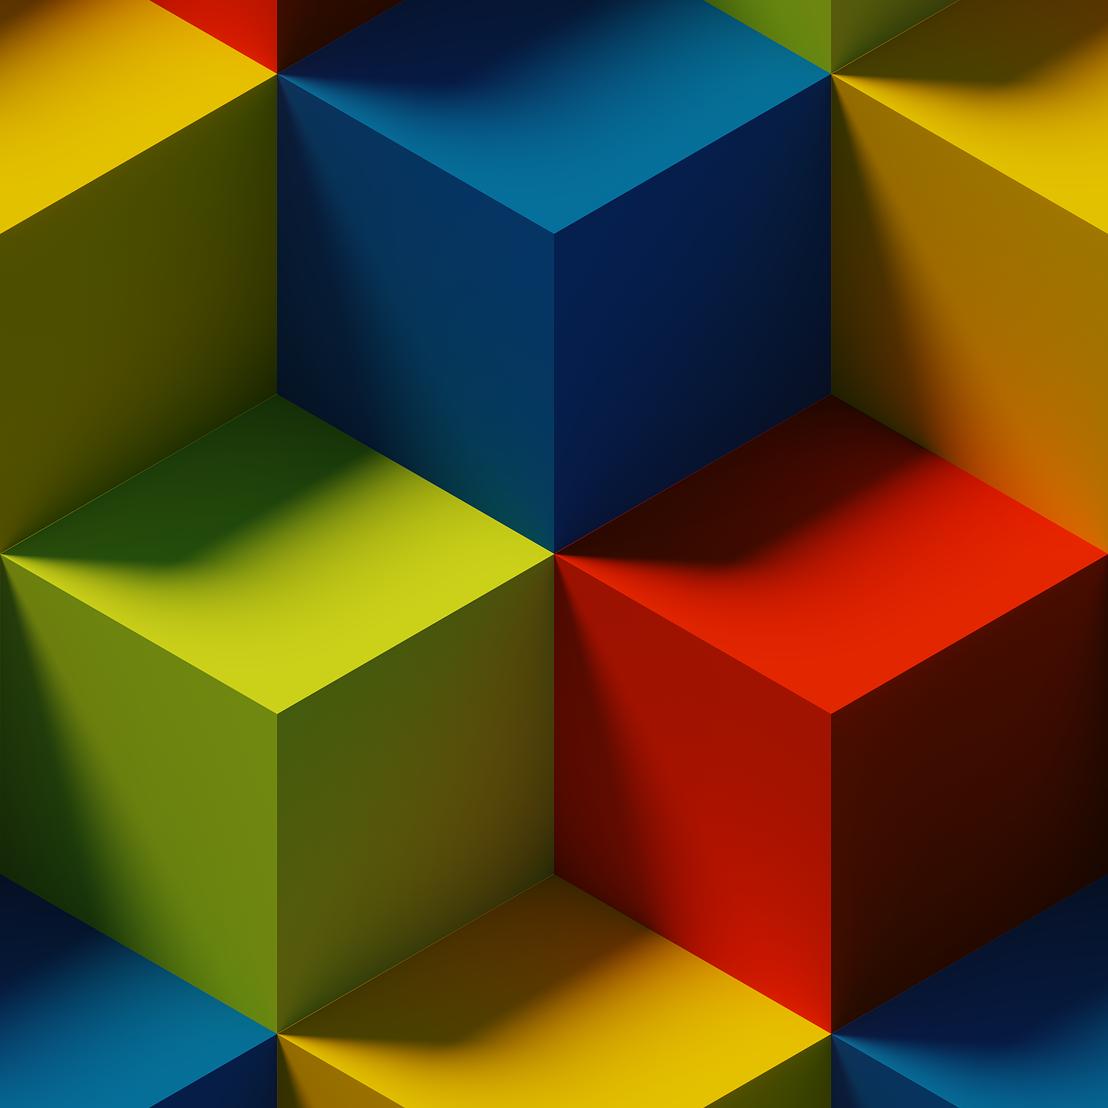 blocks-3249023_1920-955530-edited